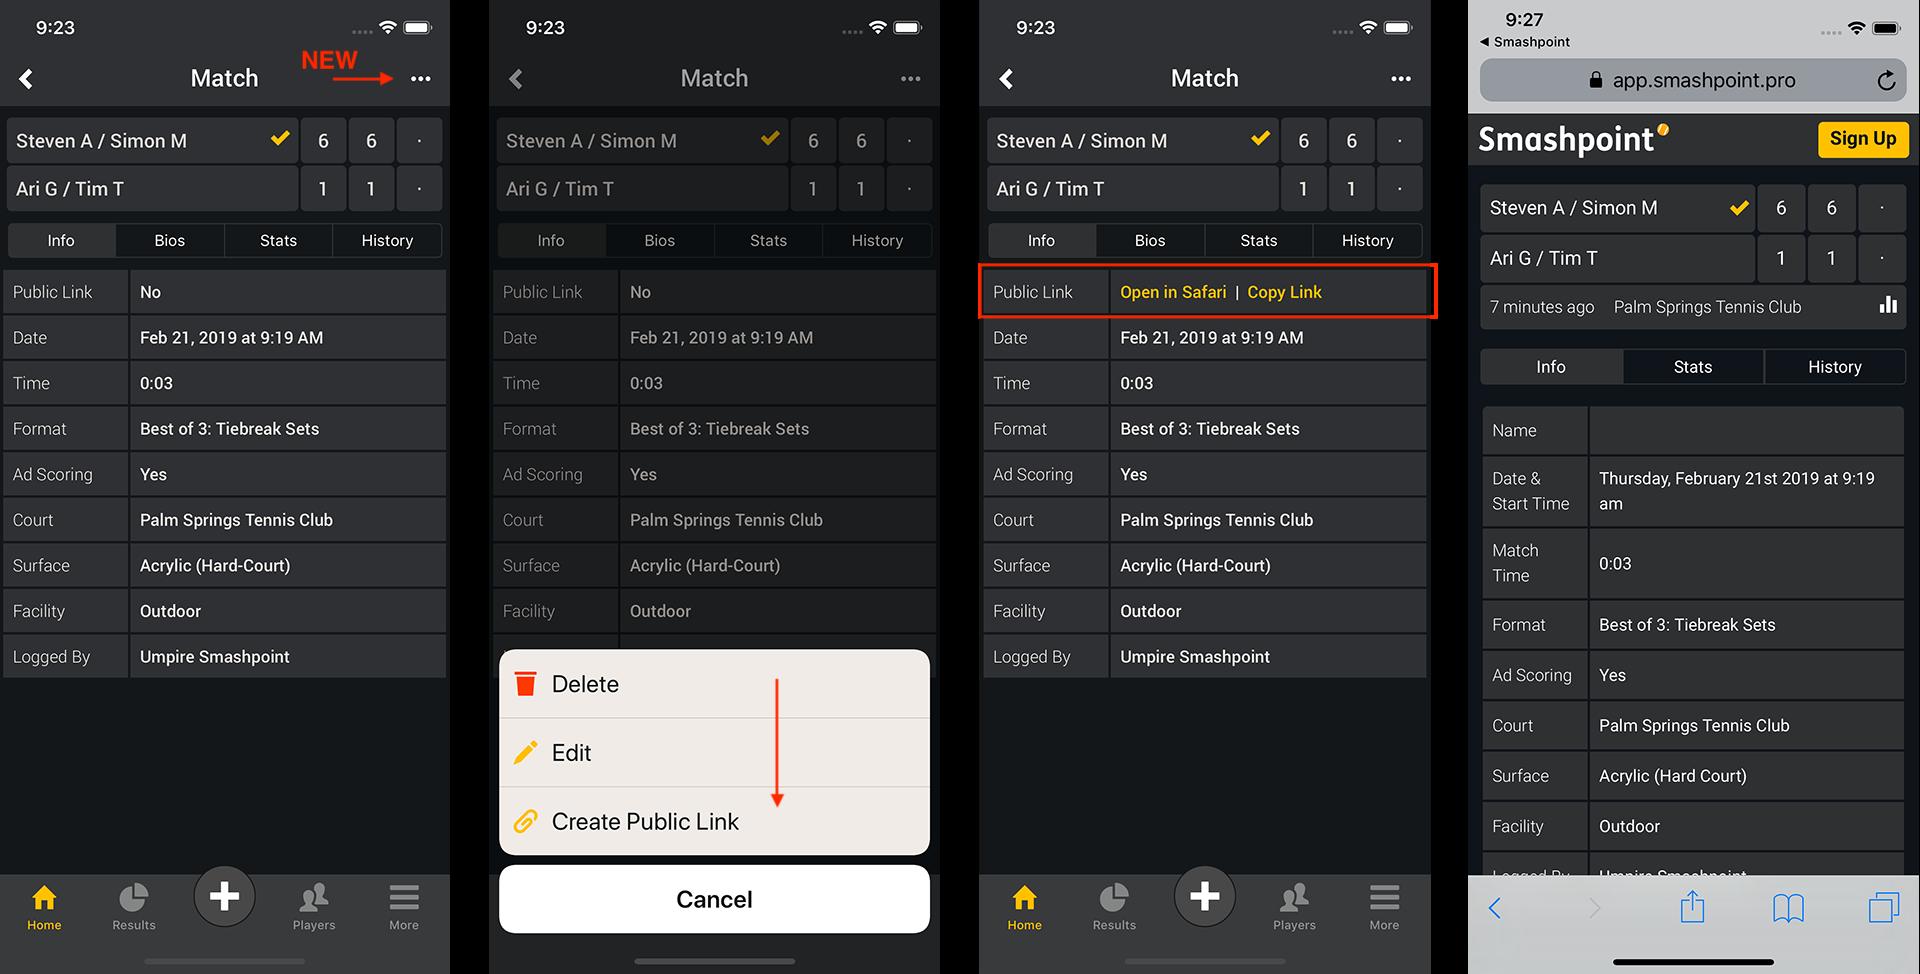 Smashpoint iOS App 2.2 Tour 1